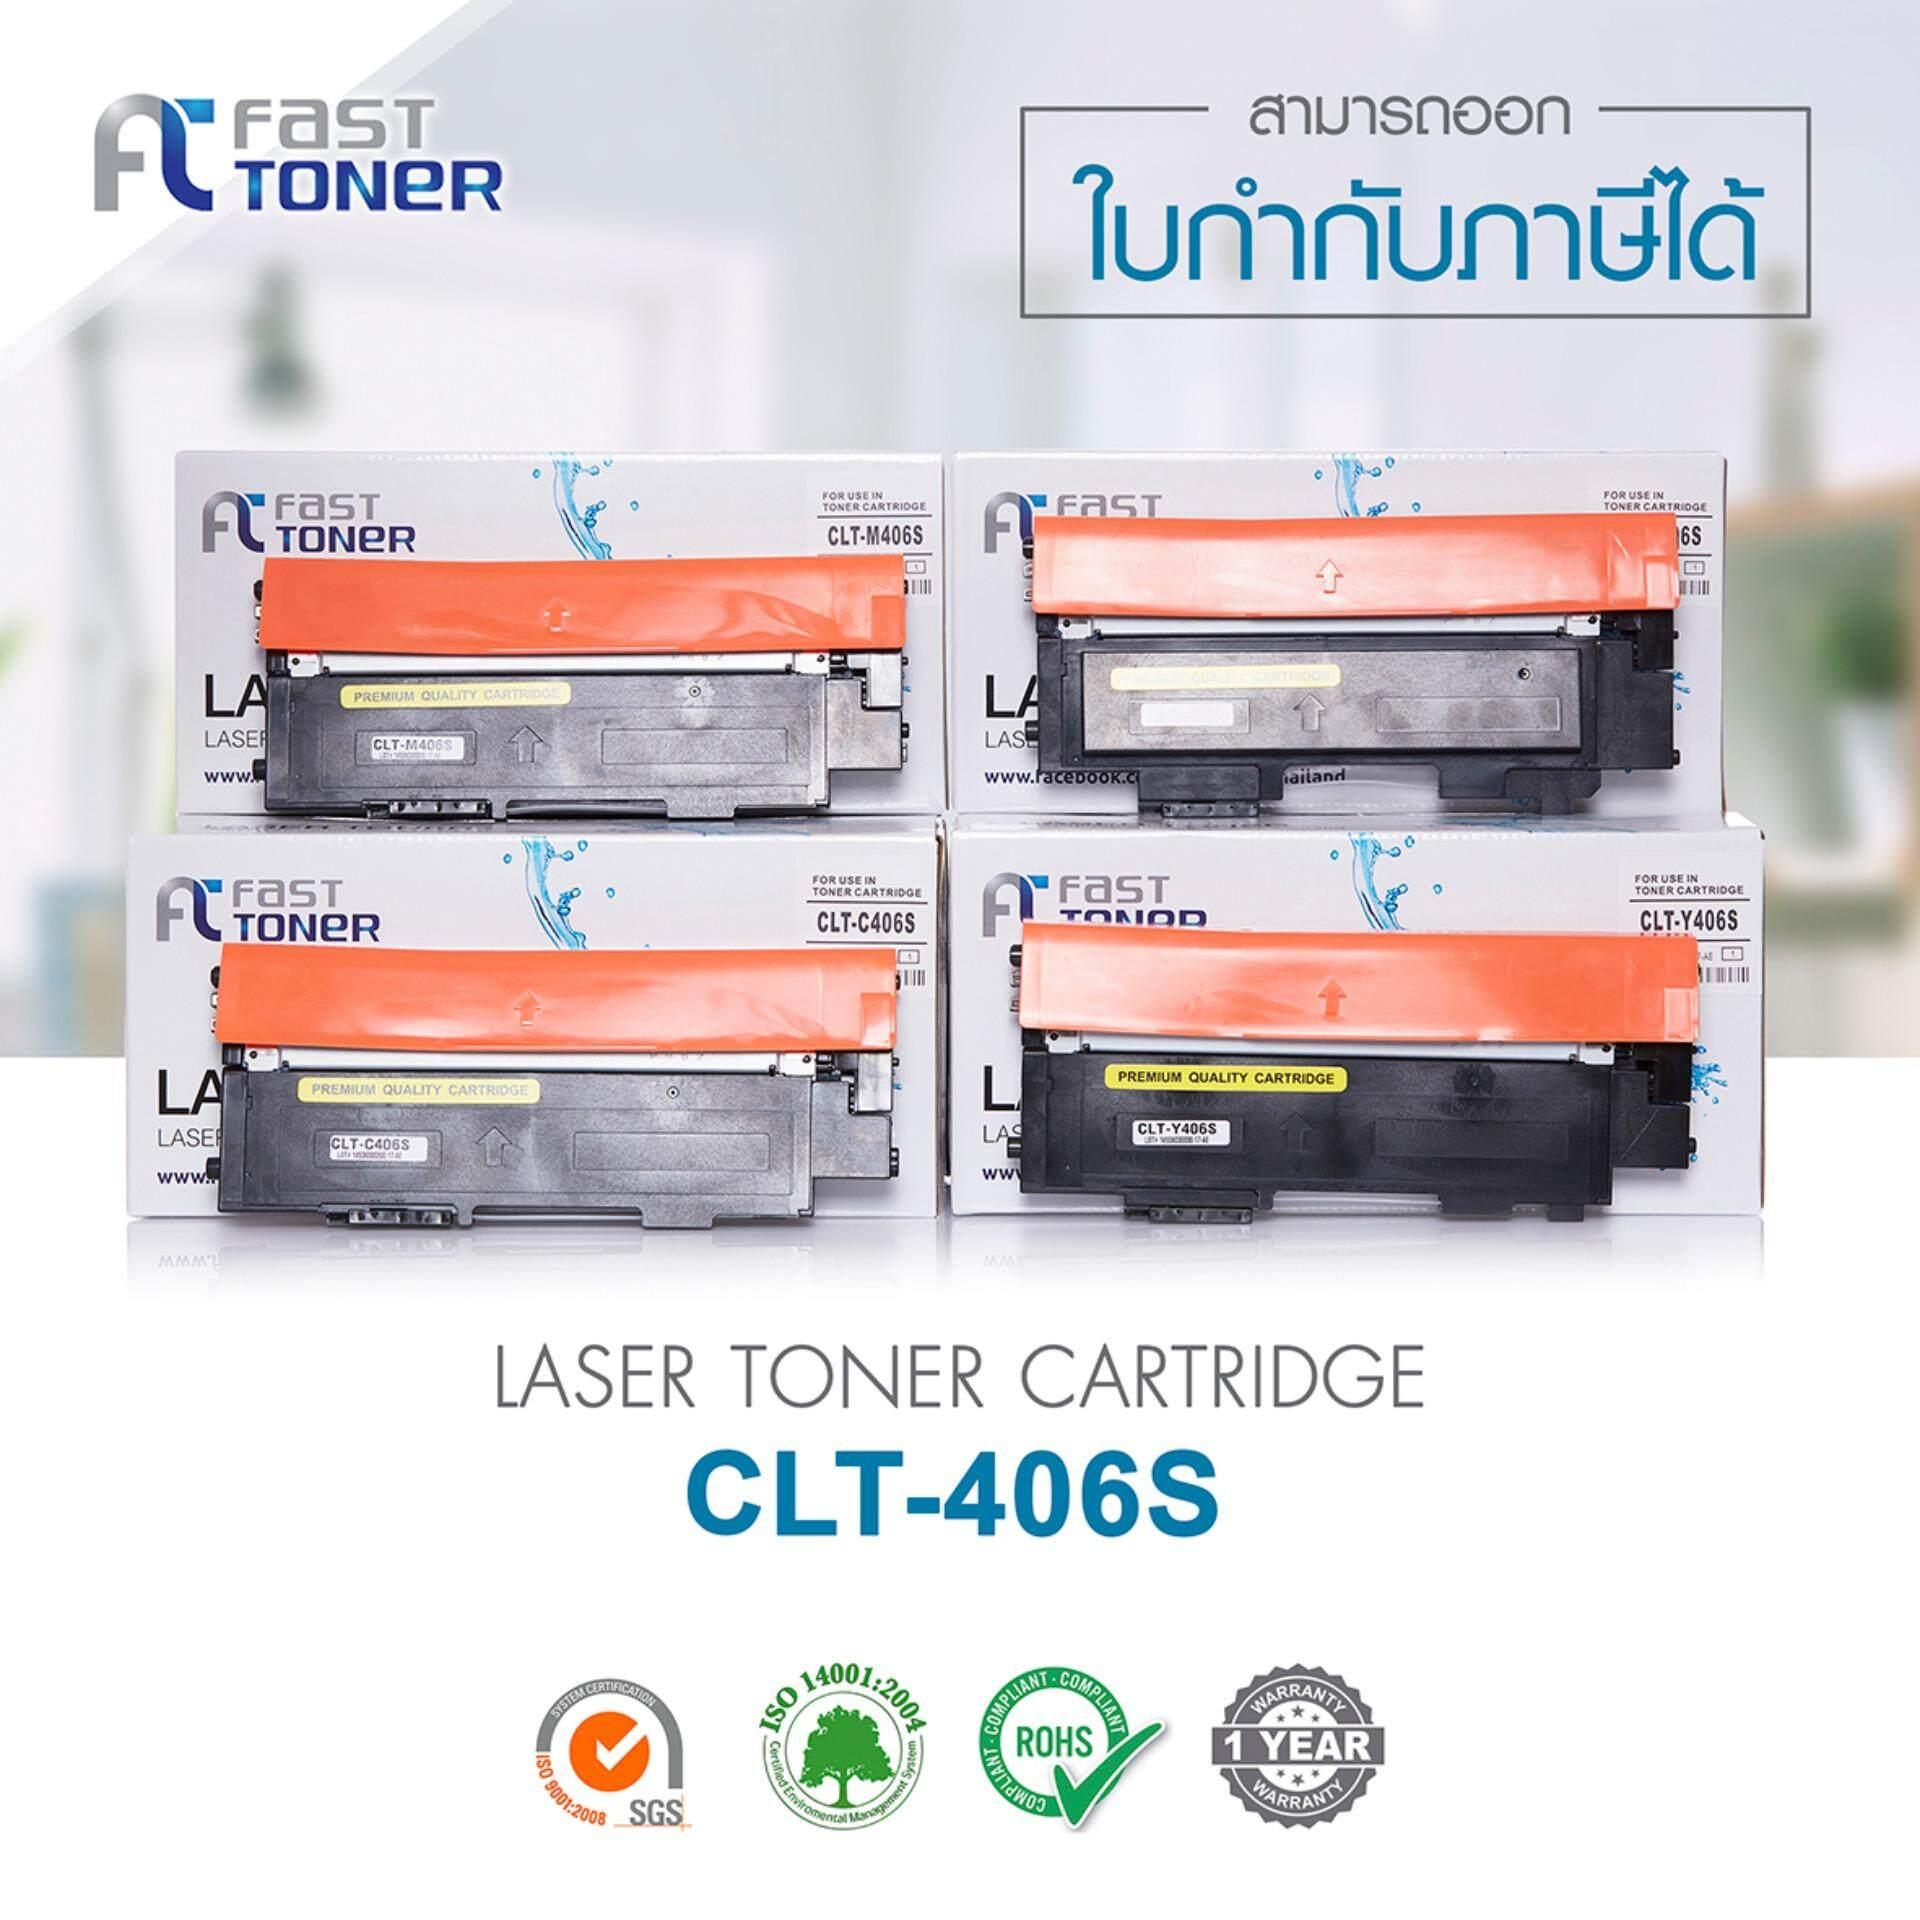 ซื้อ Fast Toner ตลับหมึกเลเซอร์ Samsung Clt K406S Clt C406S Clt M406S Clt Y406S Clx 3305Fw สีดำ ฟ้า แดง เหลือง 4 ตลับ ใหม่ล่าสุด